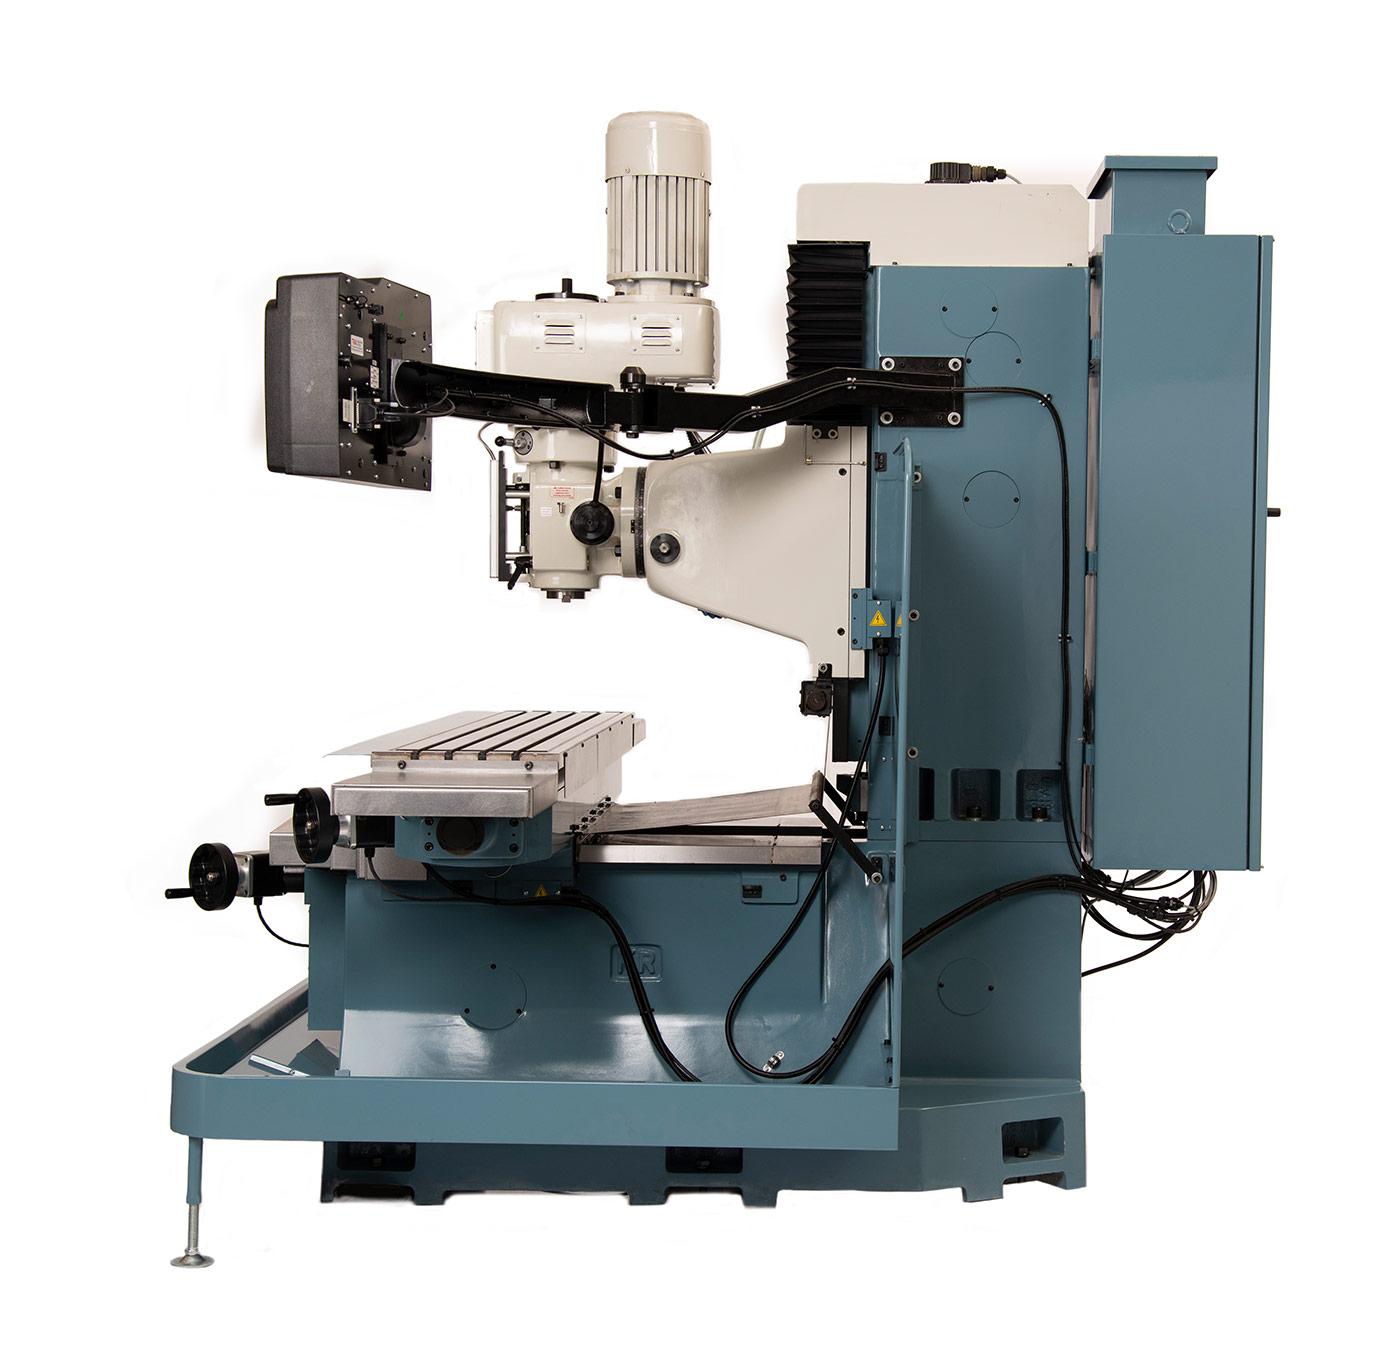 TRAK DPM RX7 Bed Mill